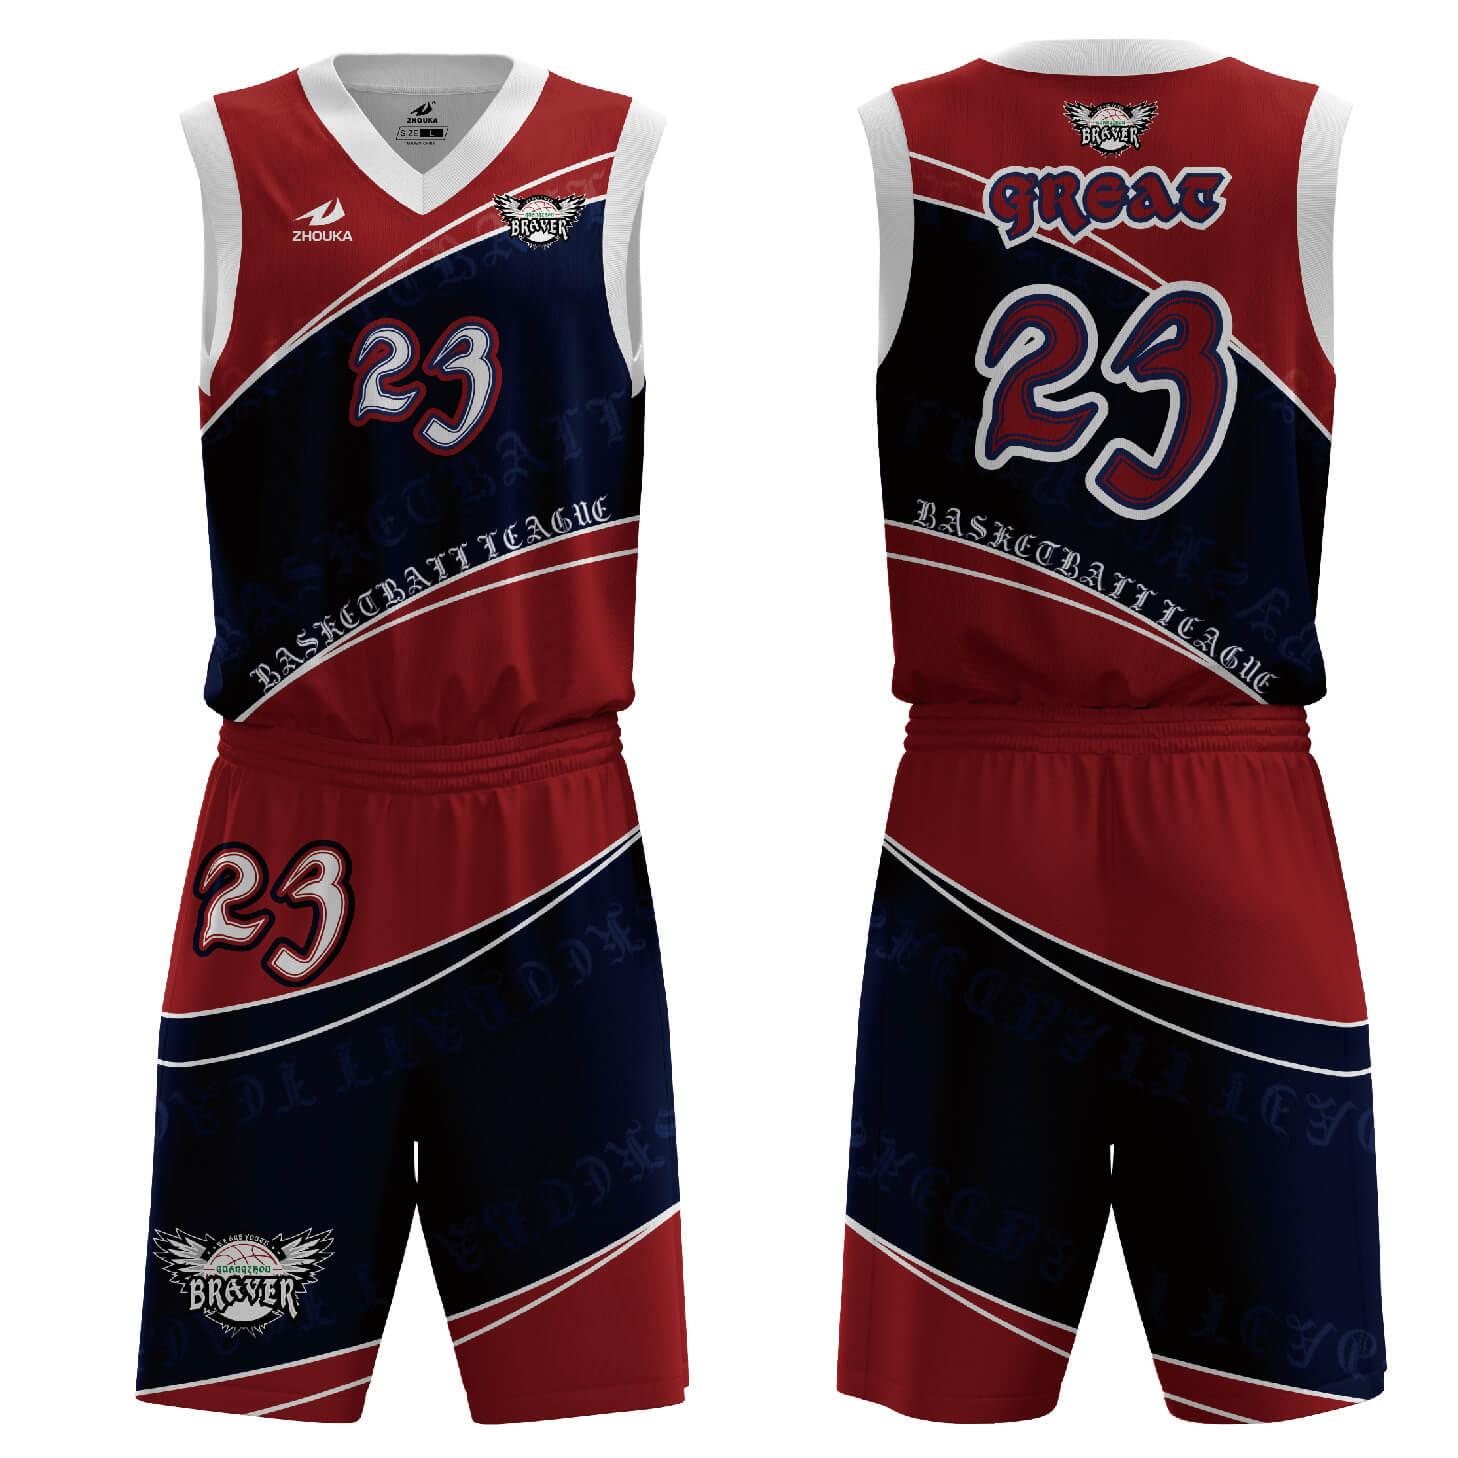 篮球球衣大学篮球服设计带有球队的名称和编号